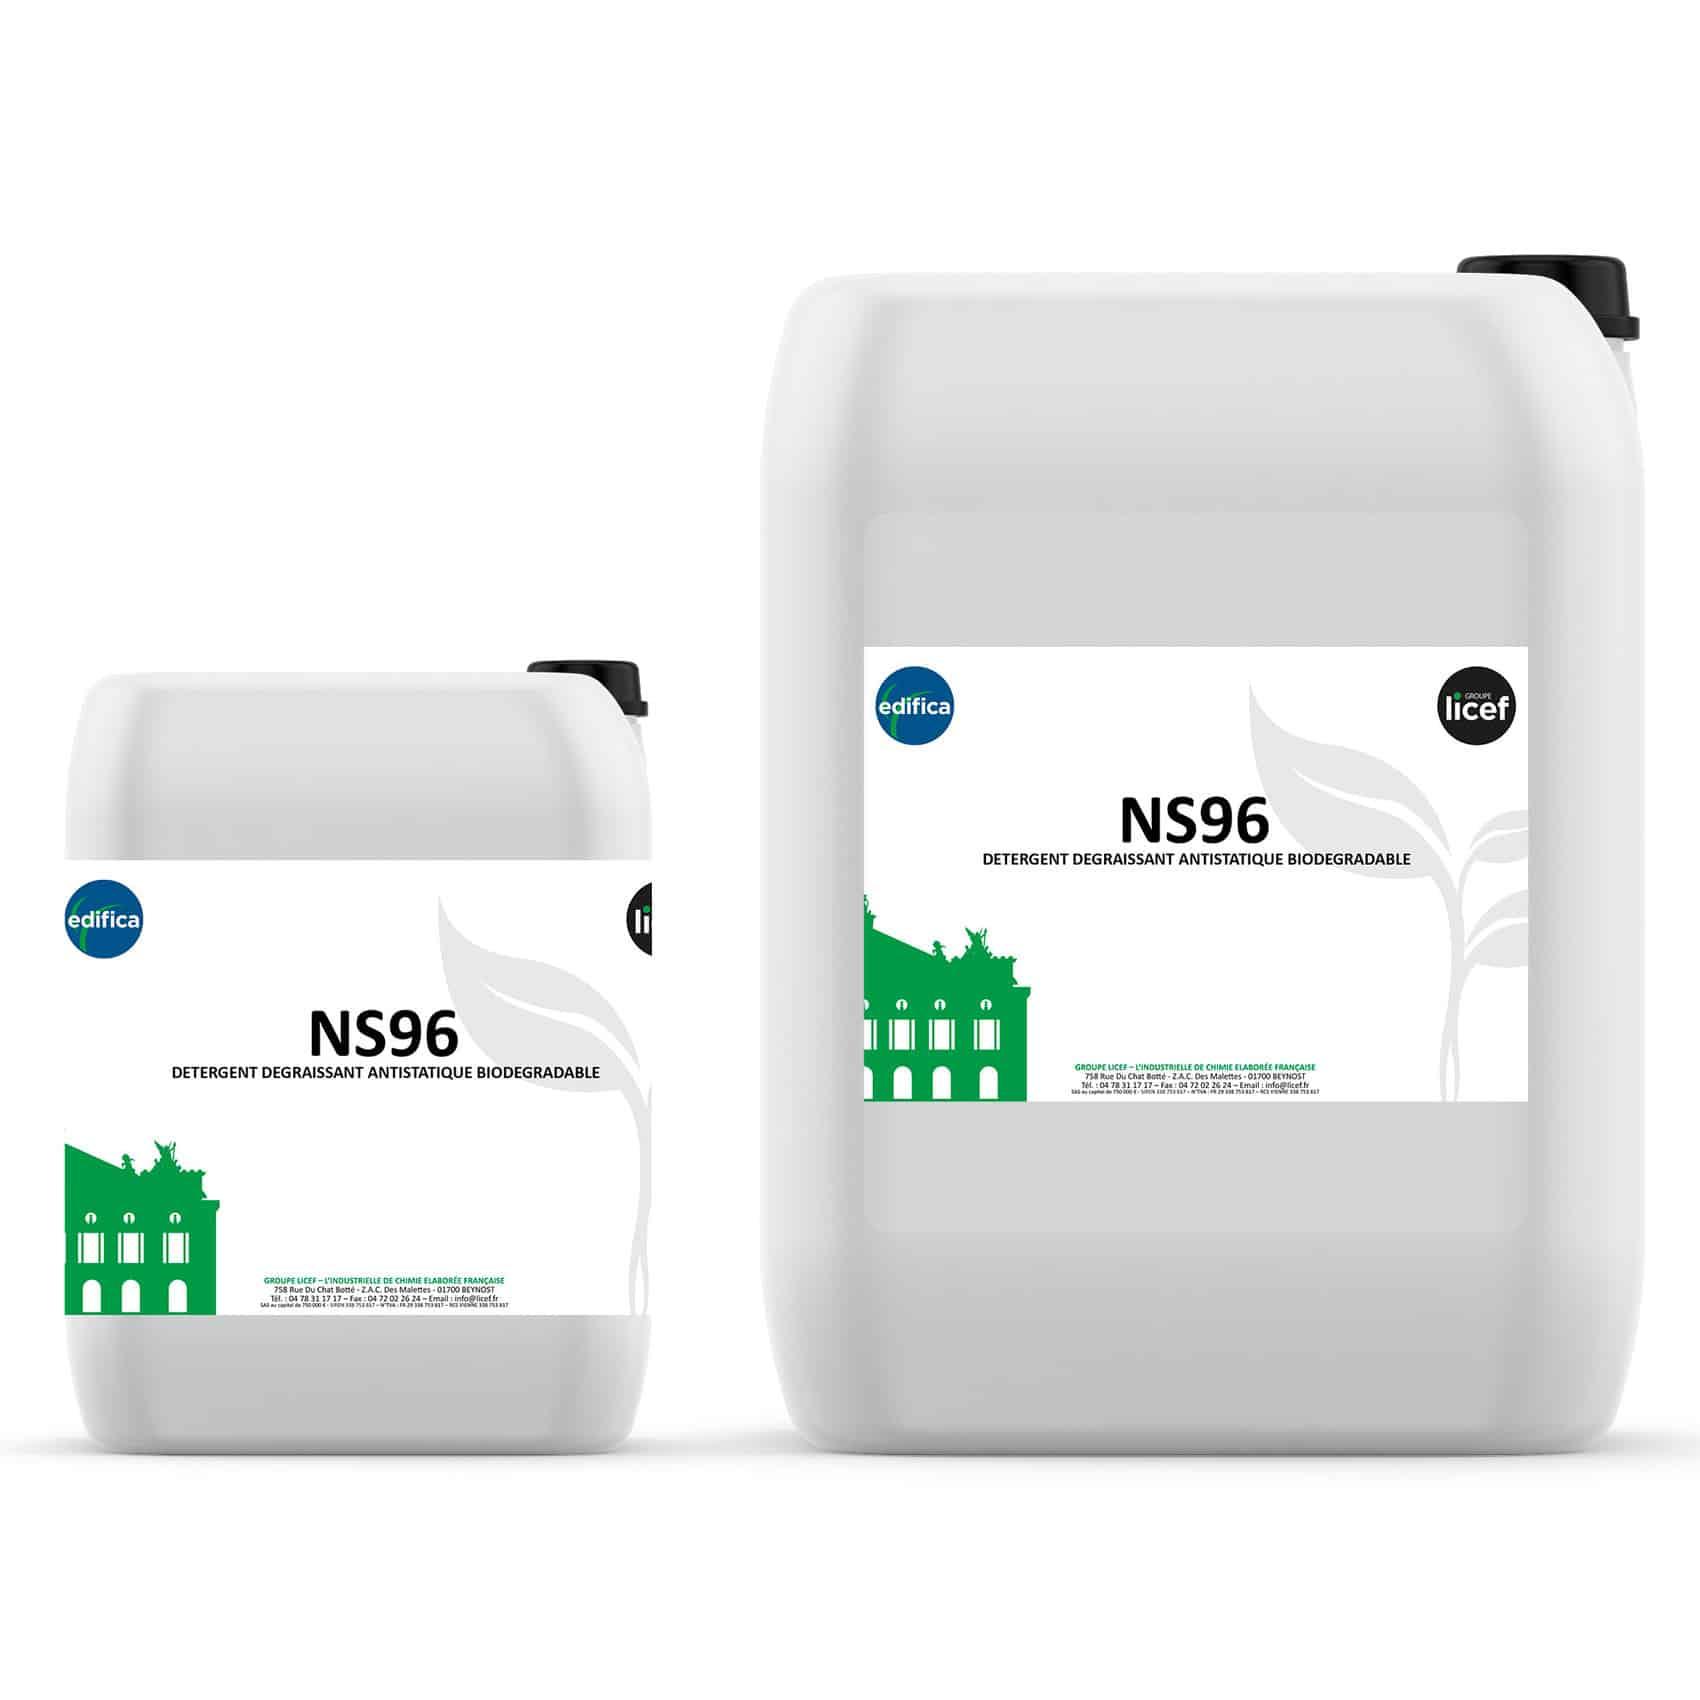 Produit Nettoyage Bardage Pvc ns96 - biodegradable - groupe licef